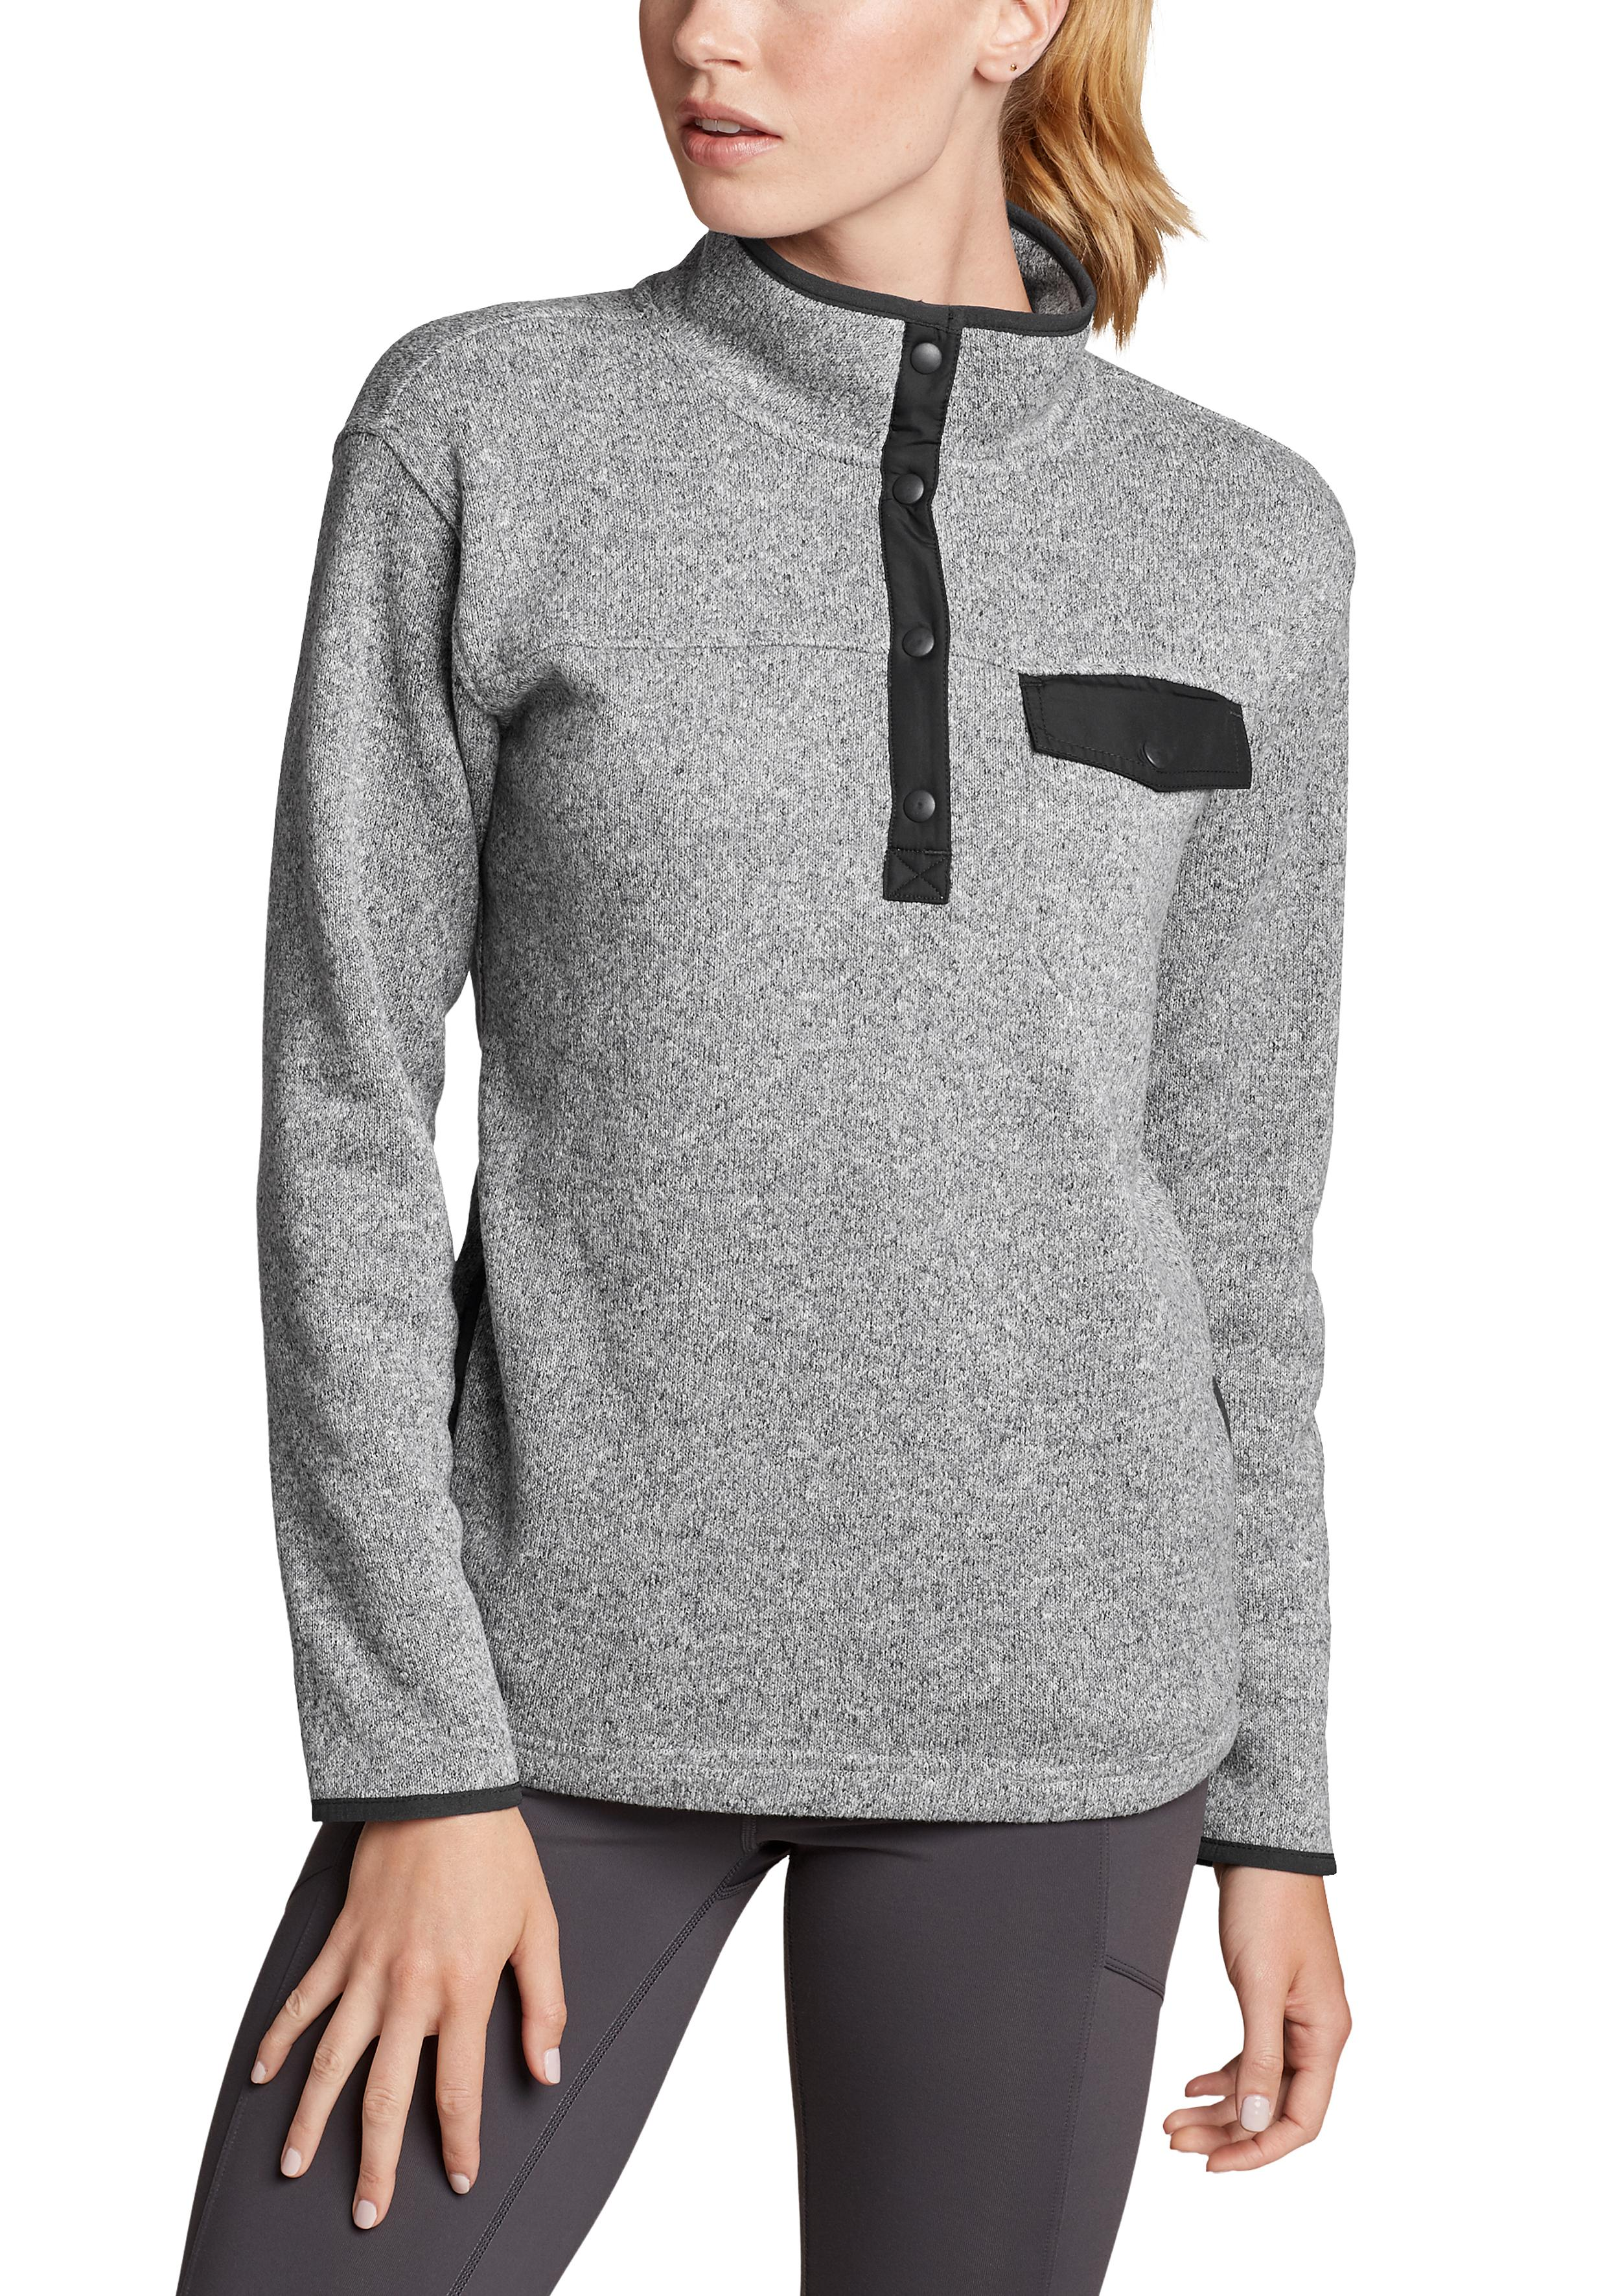 Eddie Bauer Fleeceshirt | Bekleidung > Sweatshirts & -jacken > Fleeceshirts | Eddie Bauer